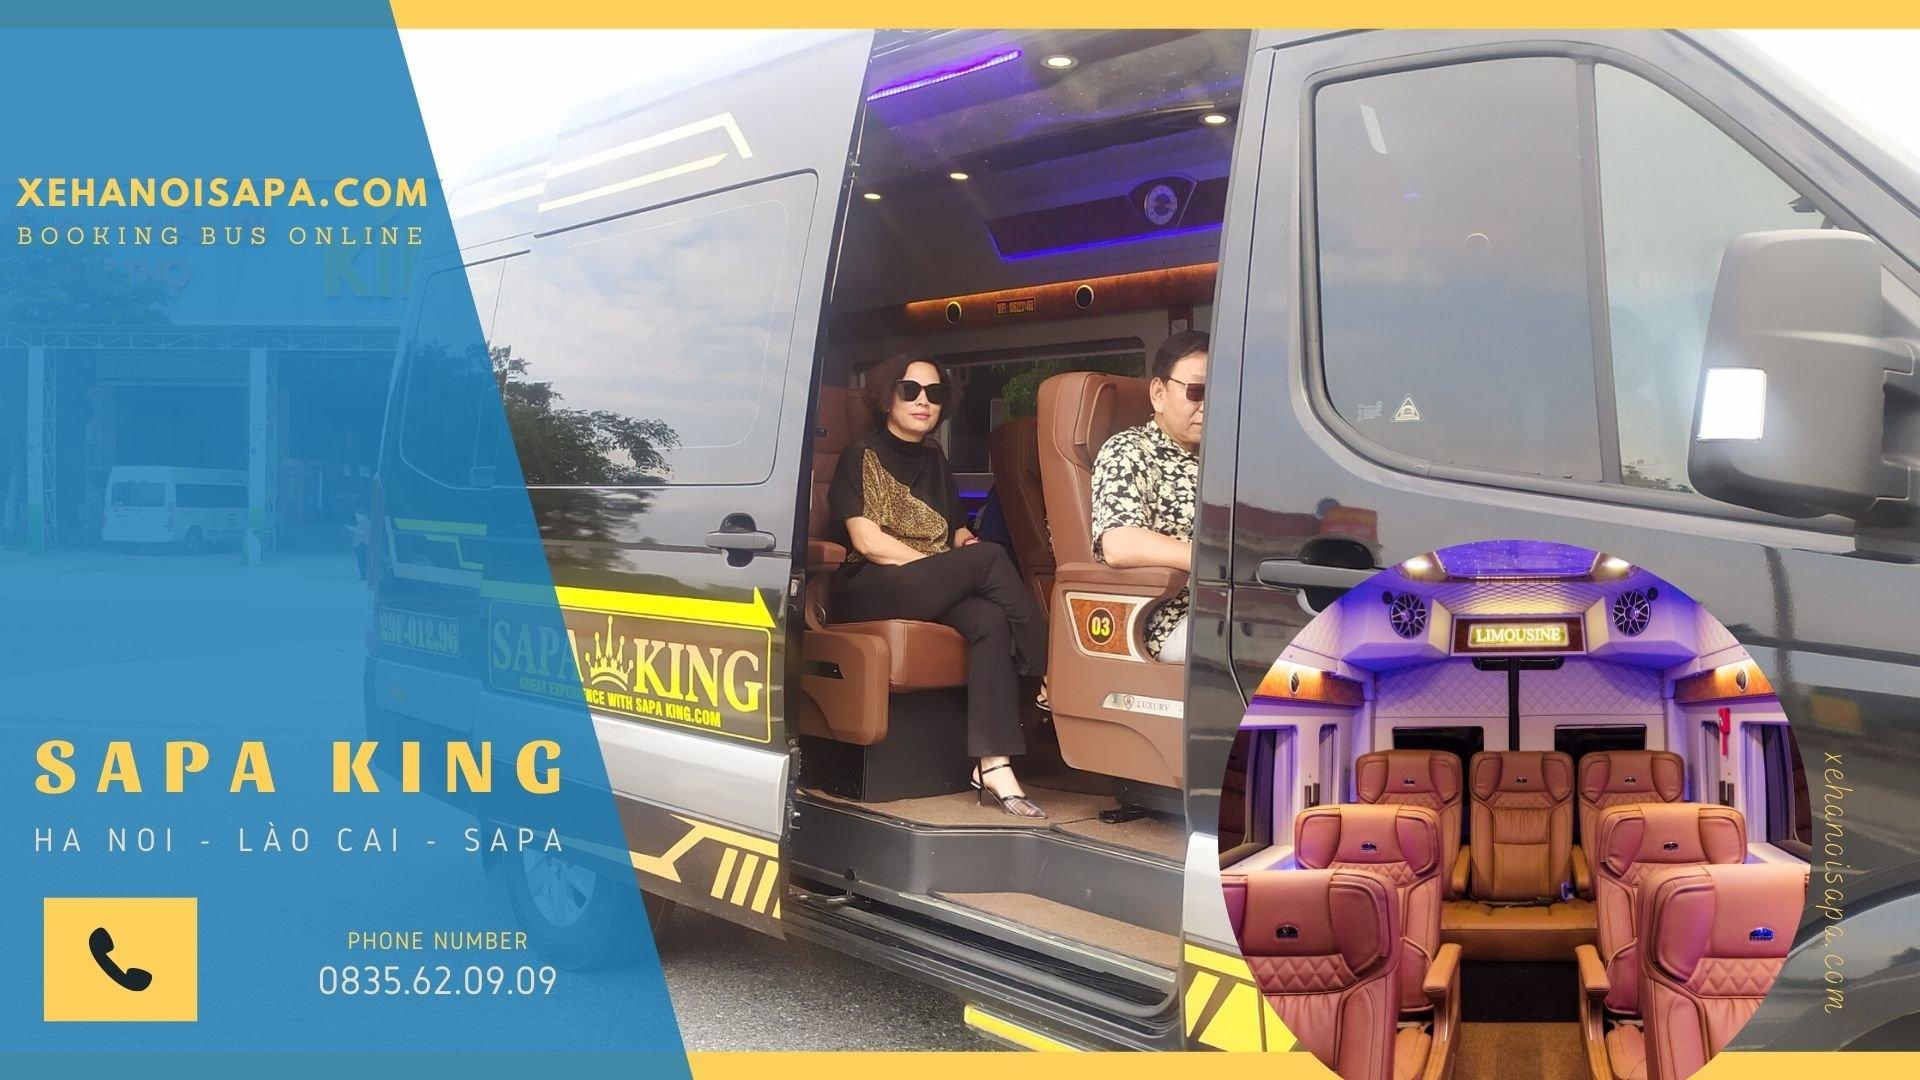 Đặt vé xe đi Sapa - Xe riêng cho đoàn 8-9 người limousine 9 chỗ Sang trọng và đẳng cấp